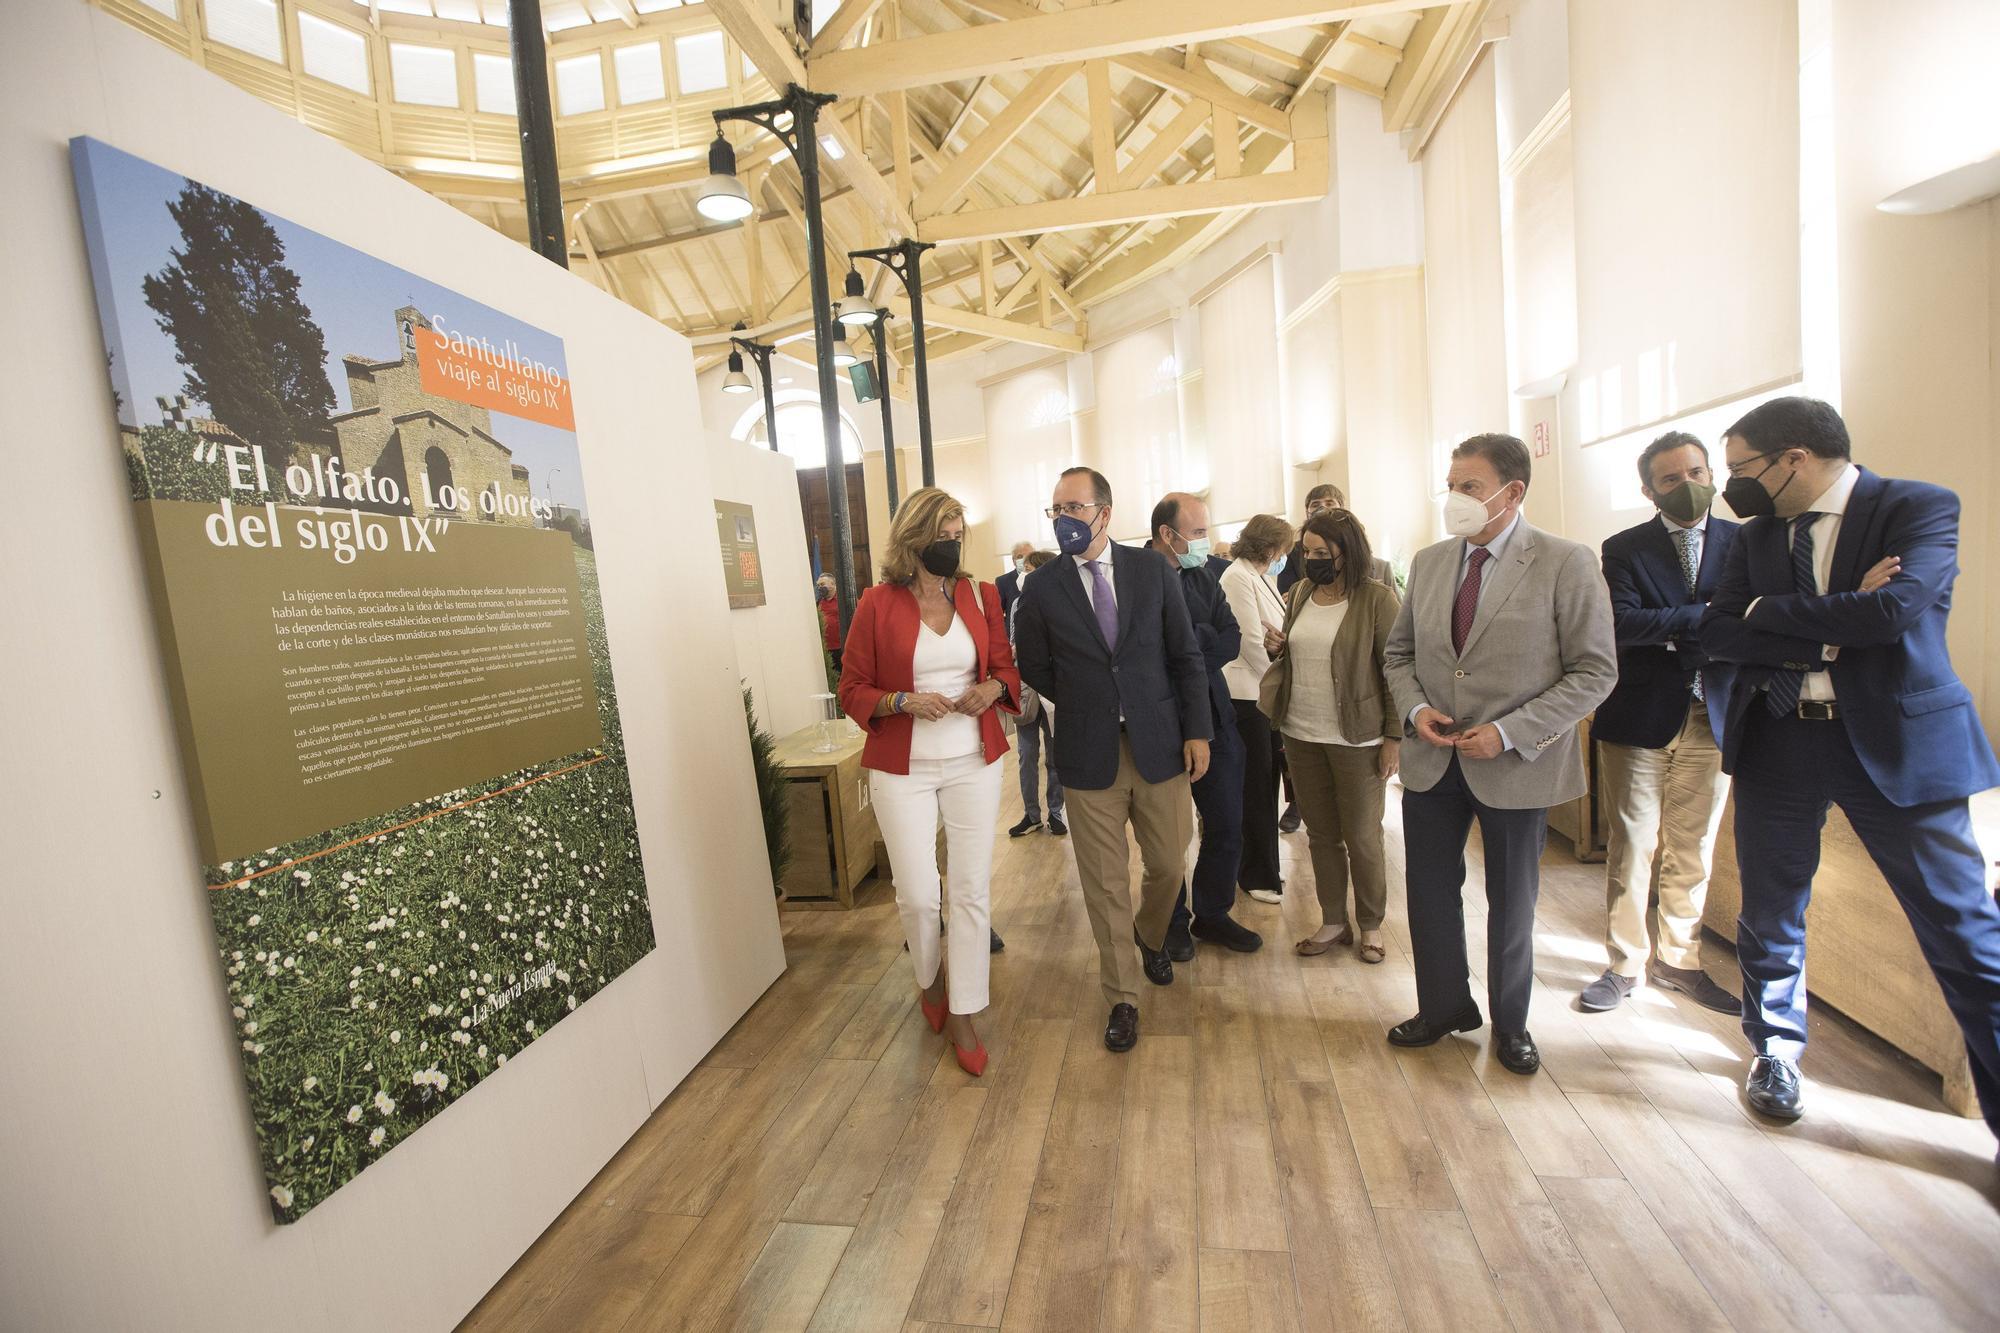 """Trascorrales abre una ventana al pasado: inauguración de la muestra """"Santullano, viaje al siglo IX"""""""